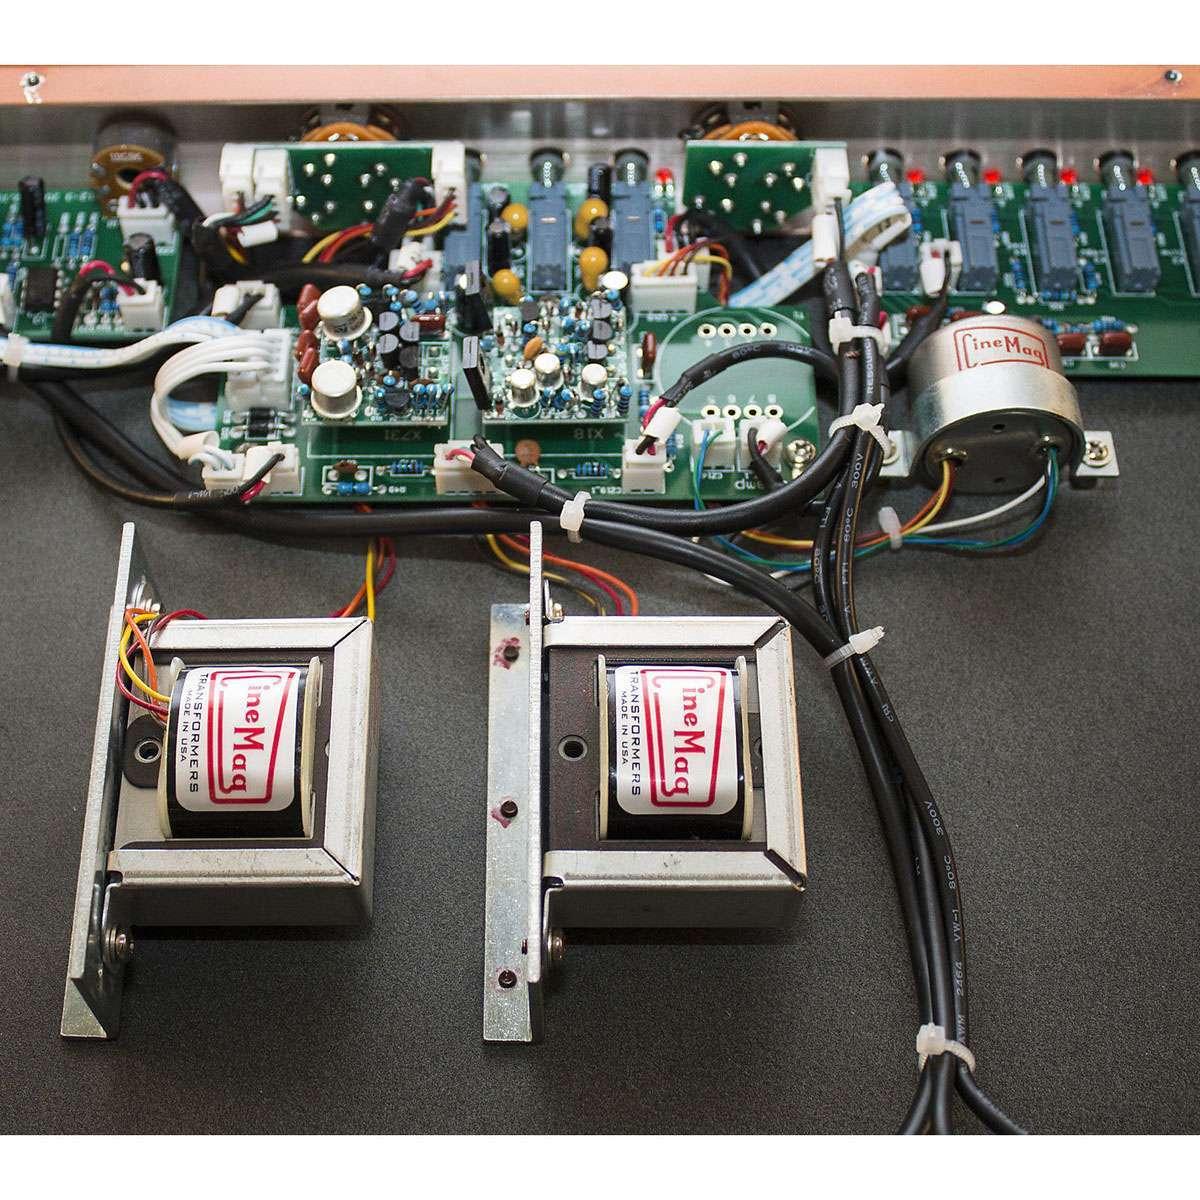 Warm Audio TB12 06 Pro Audio, Outboard, Preamplificatori Microfonici